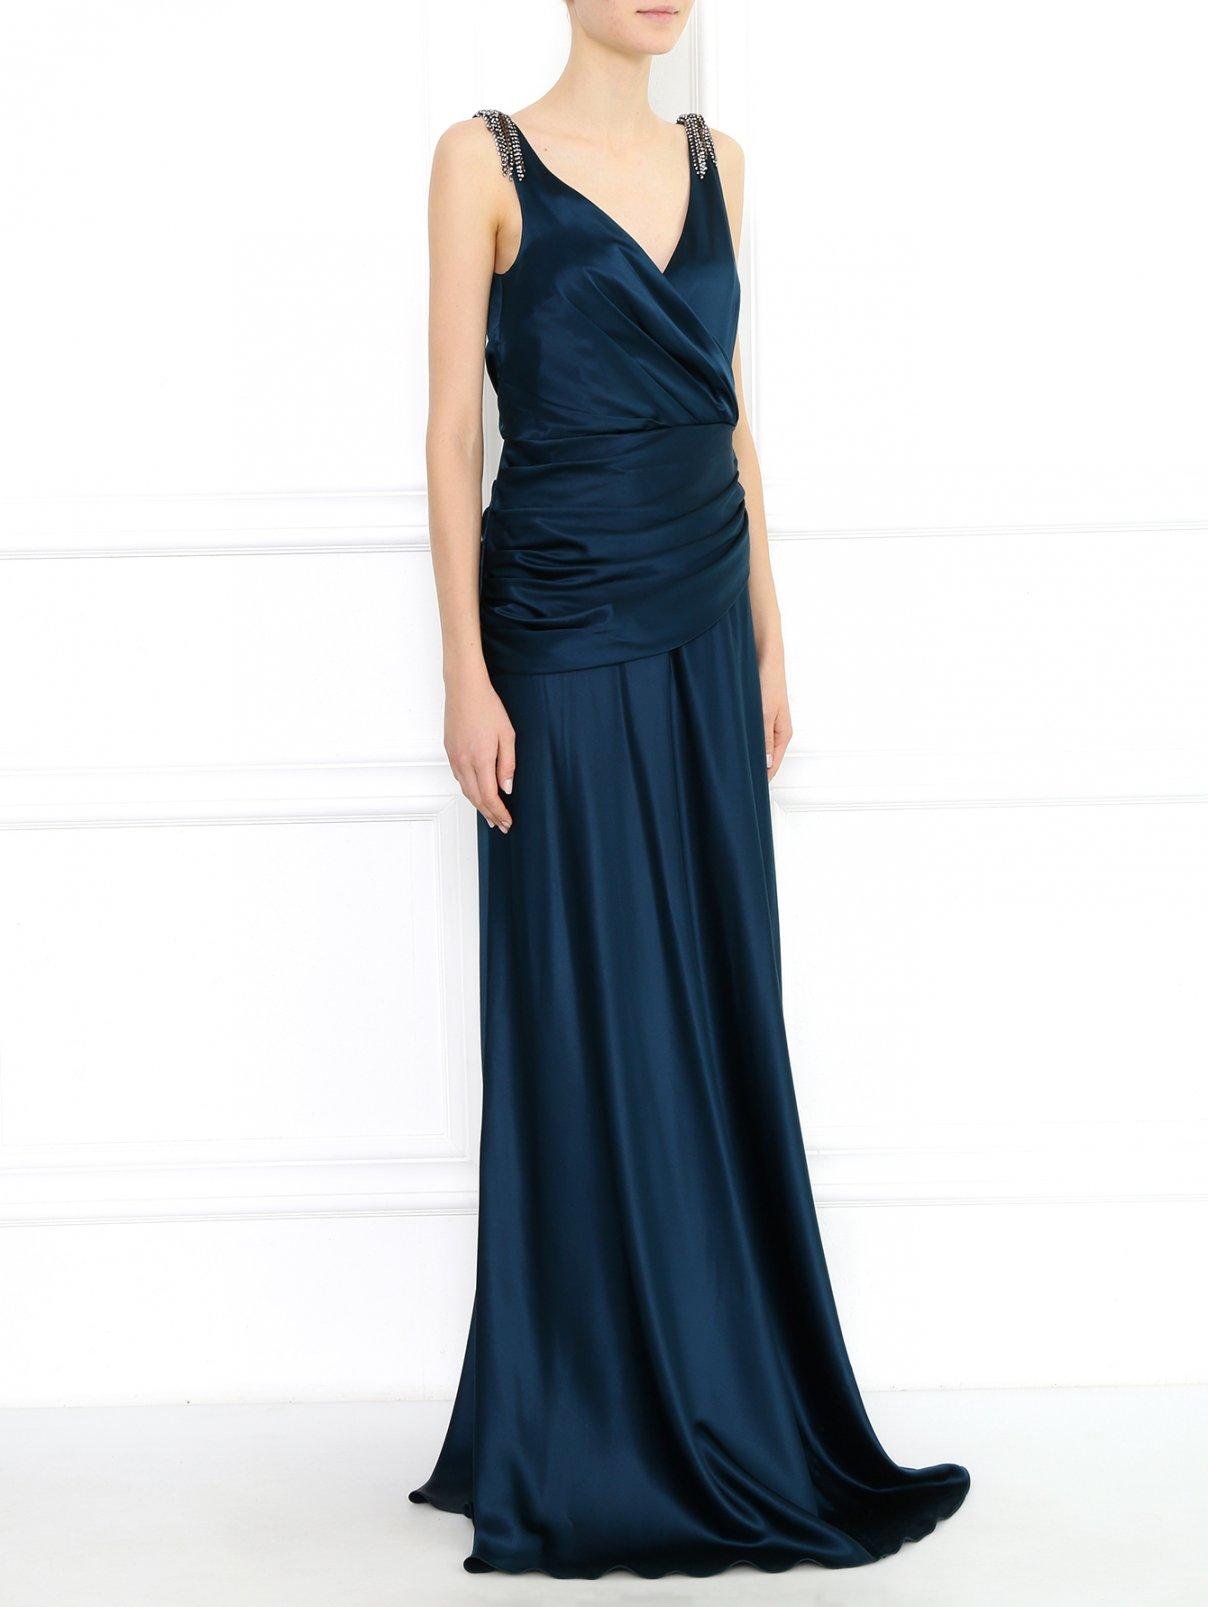 Платье-макси декорированное кристаллами Collette Dinnigan  –  Модель Общий вид  – Цвет:  Зеленый